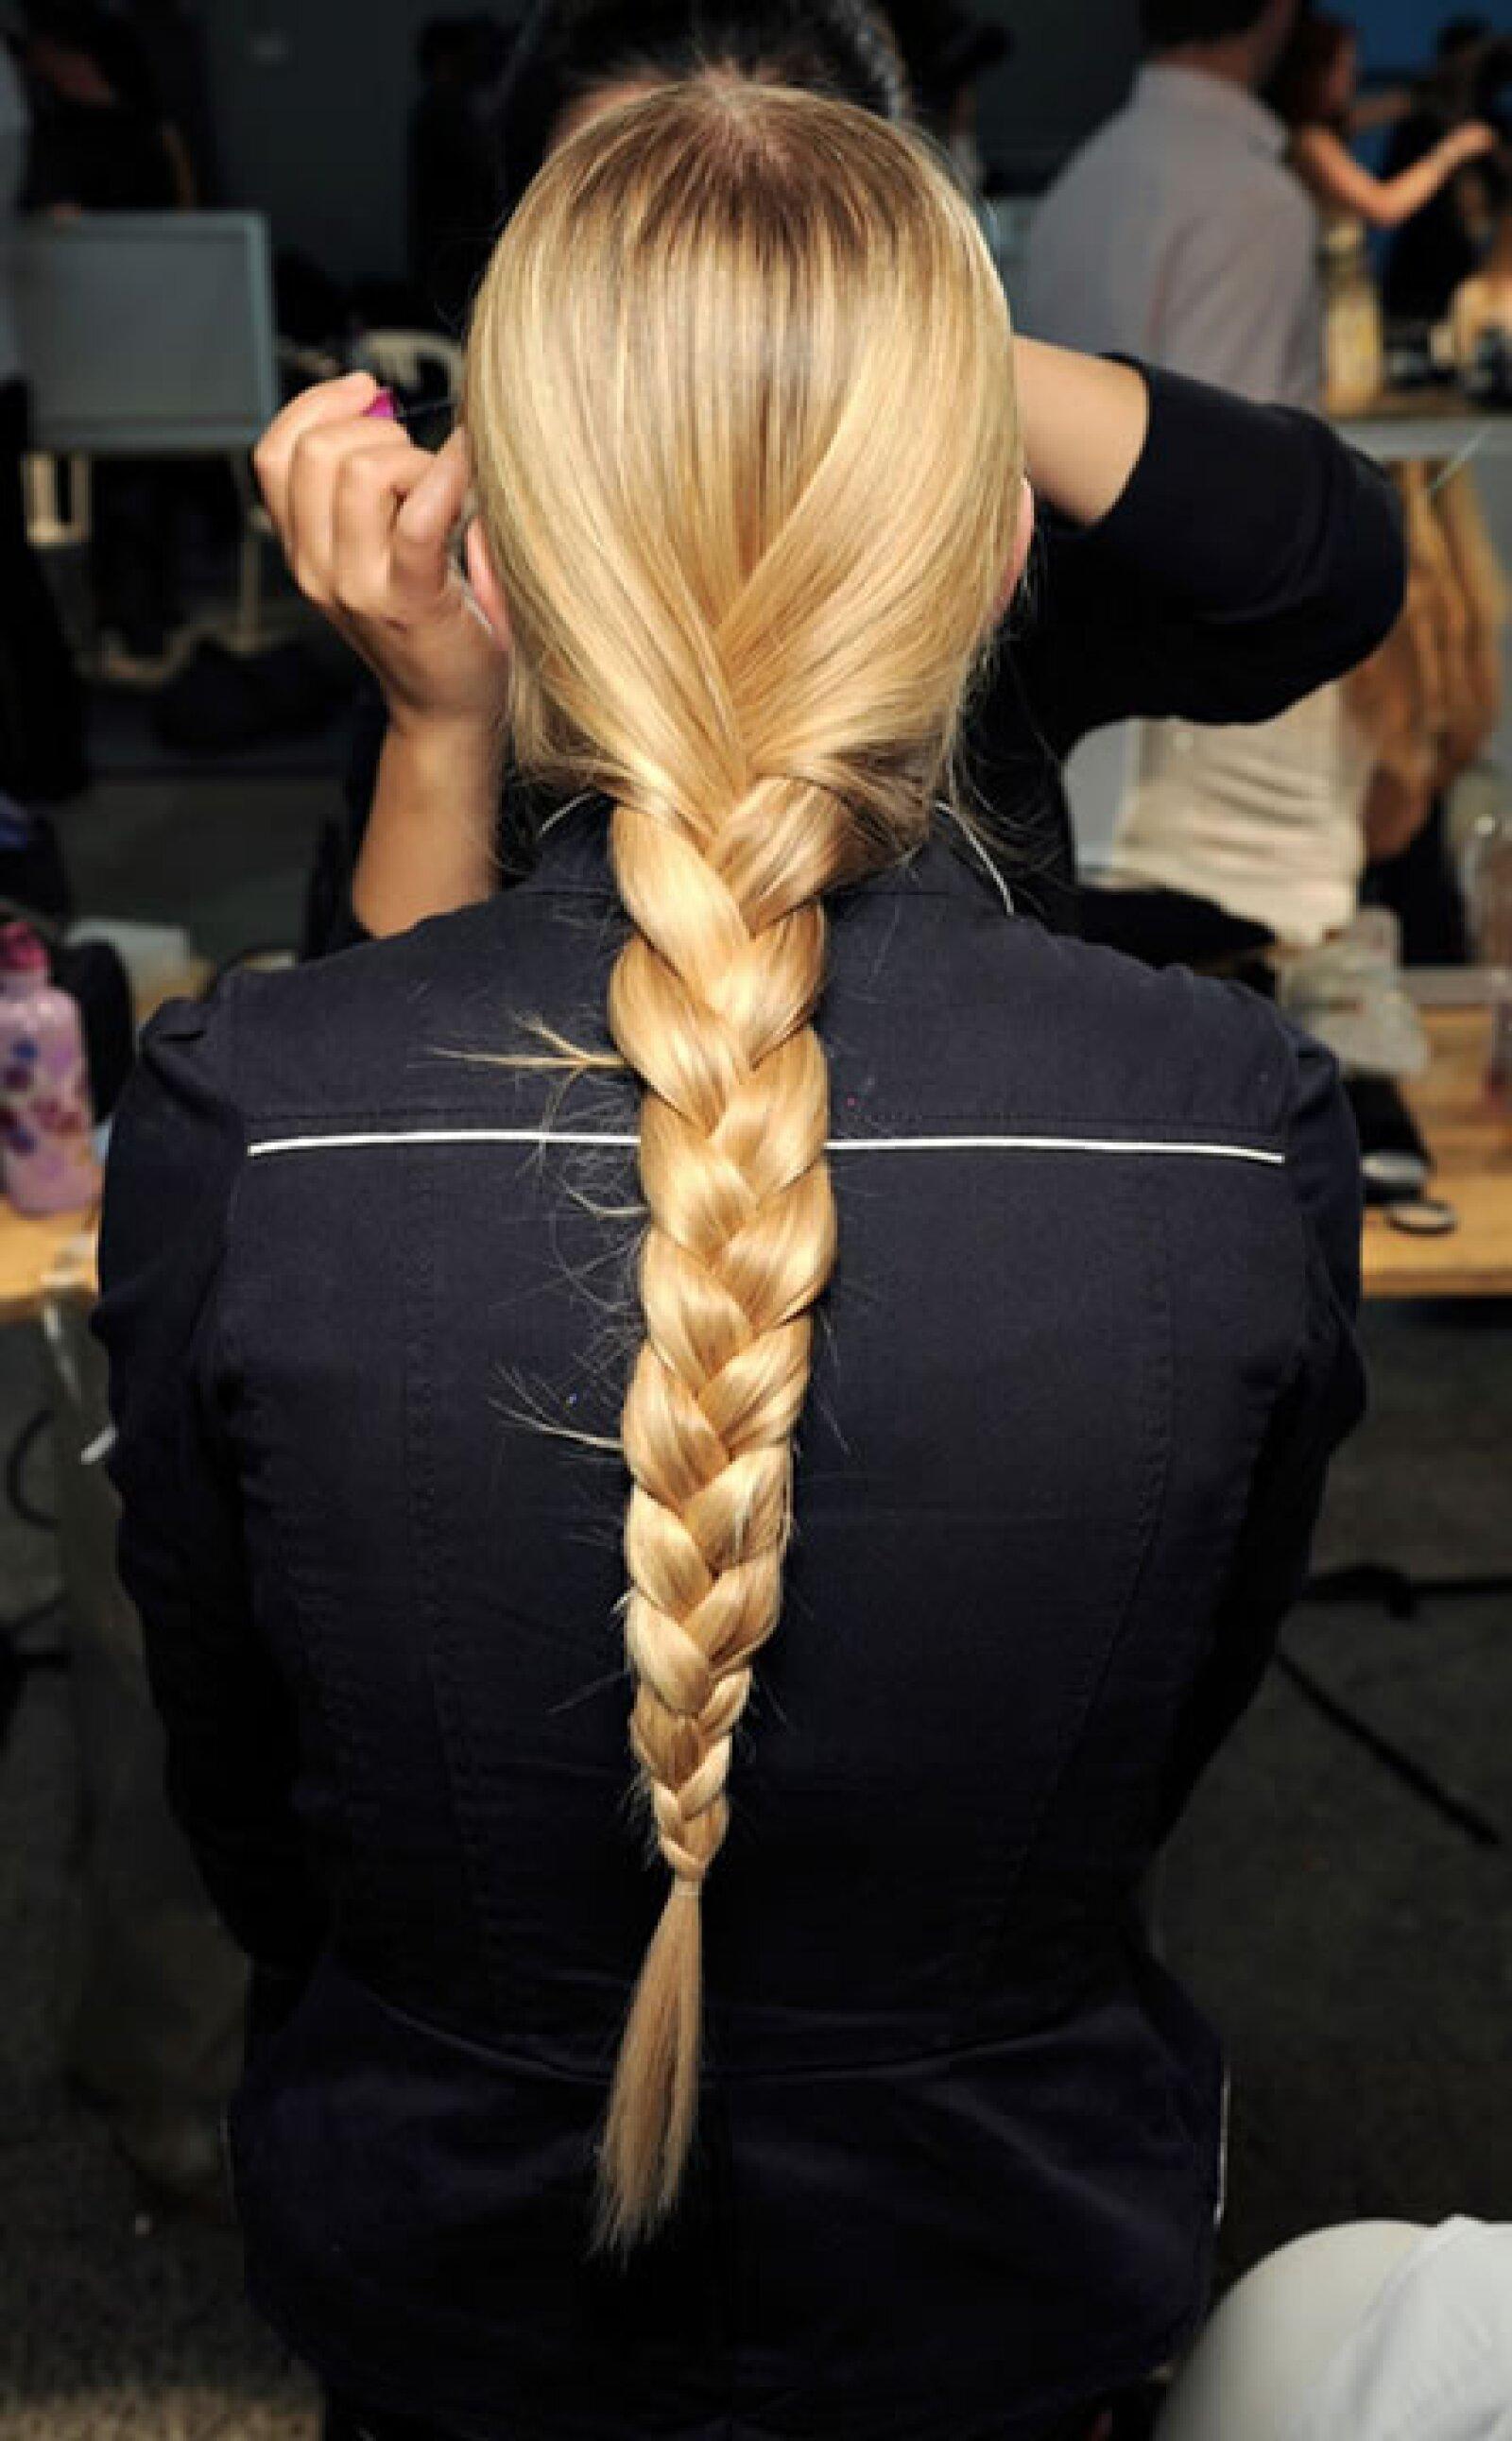 Trenzas francesas se proponen para largas cabelleras.